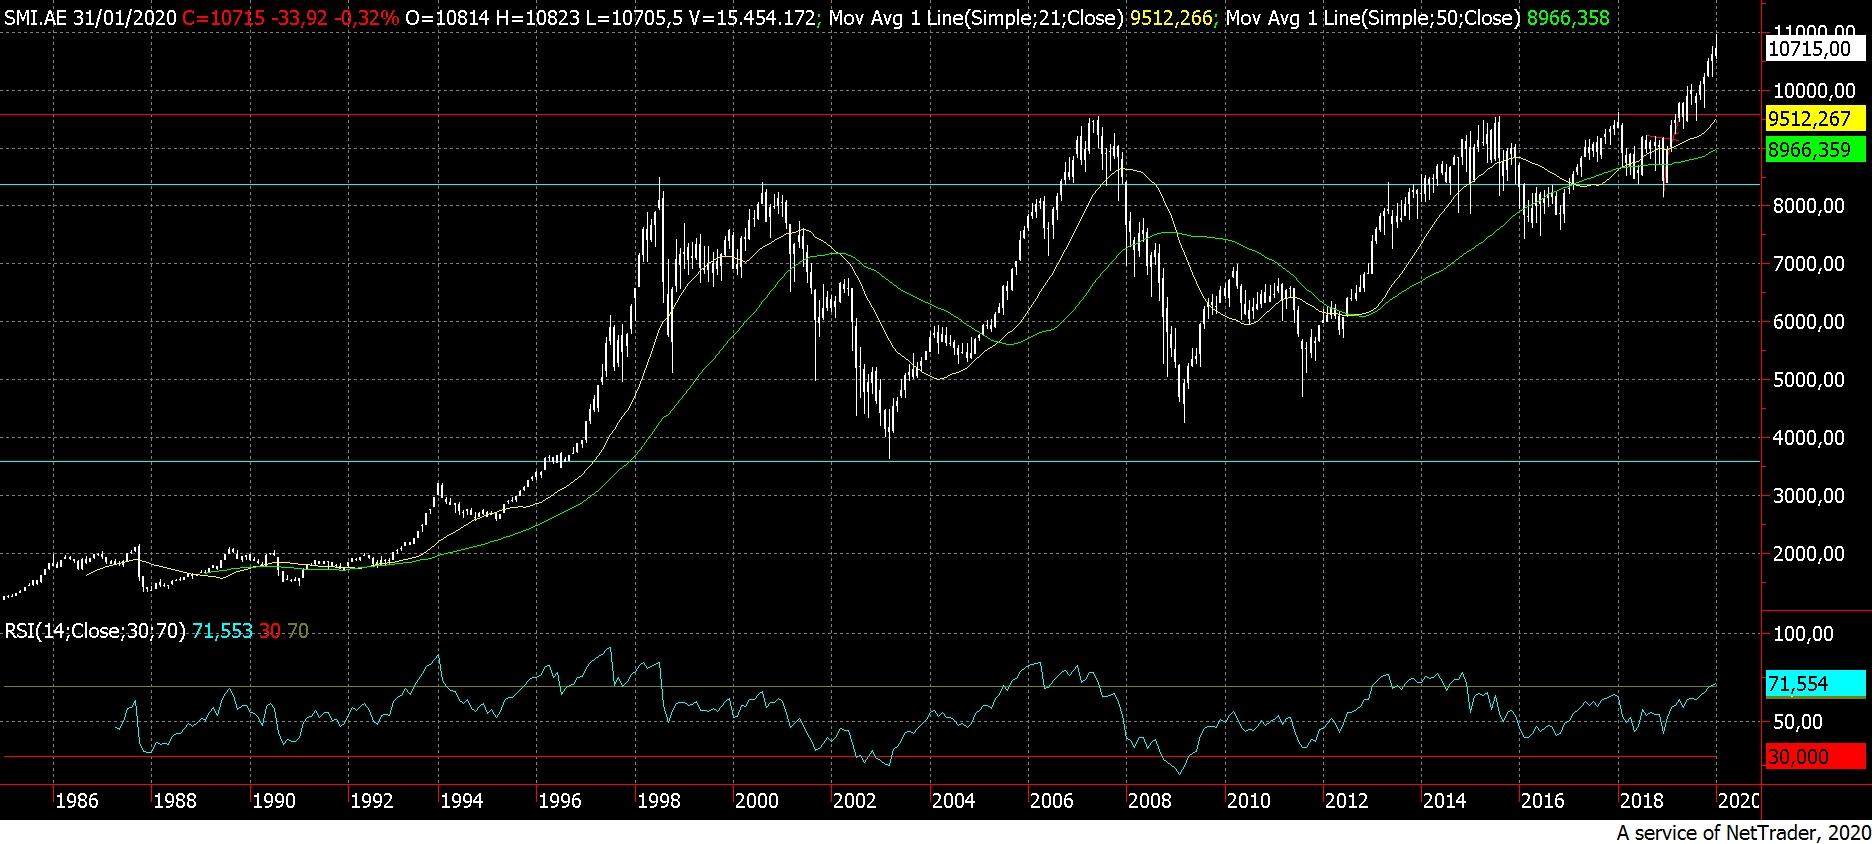 Analisi della quotazione dell'indice della Borsa svizzera di Zurigo ...